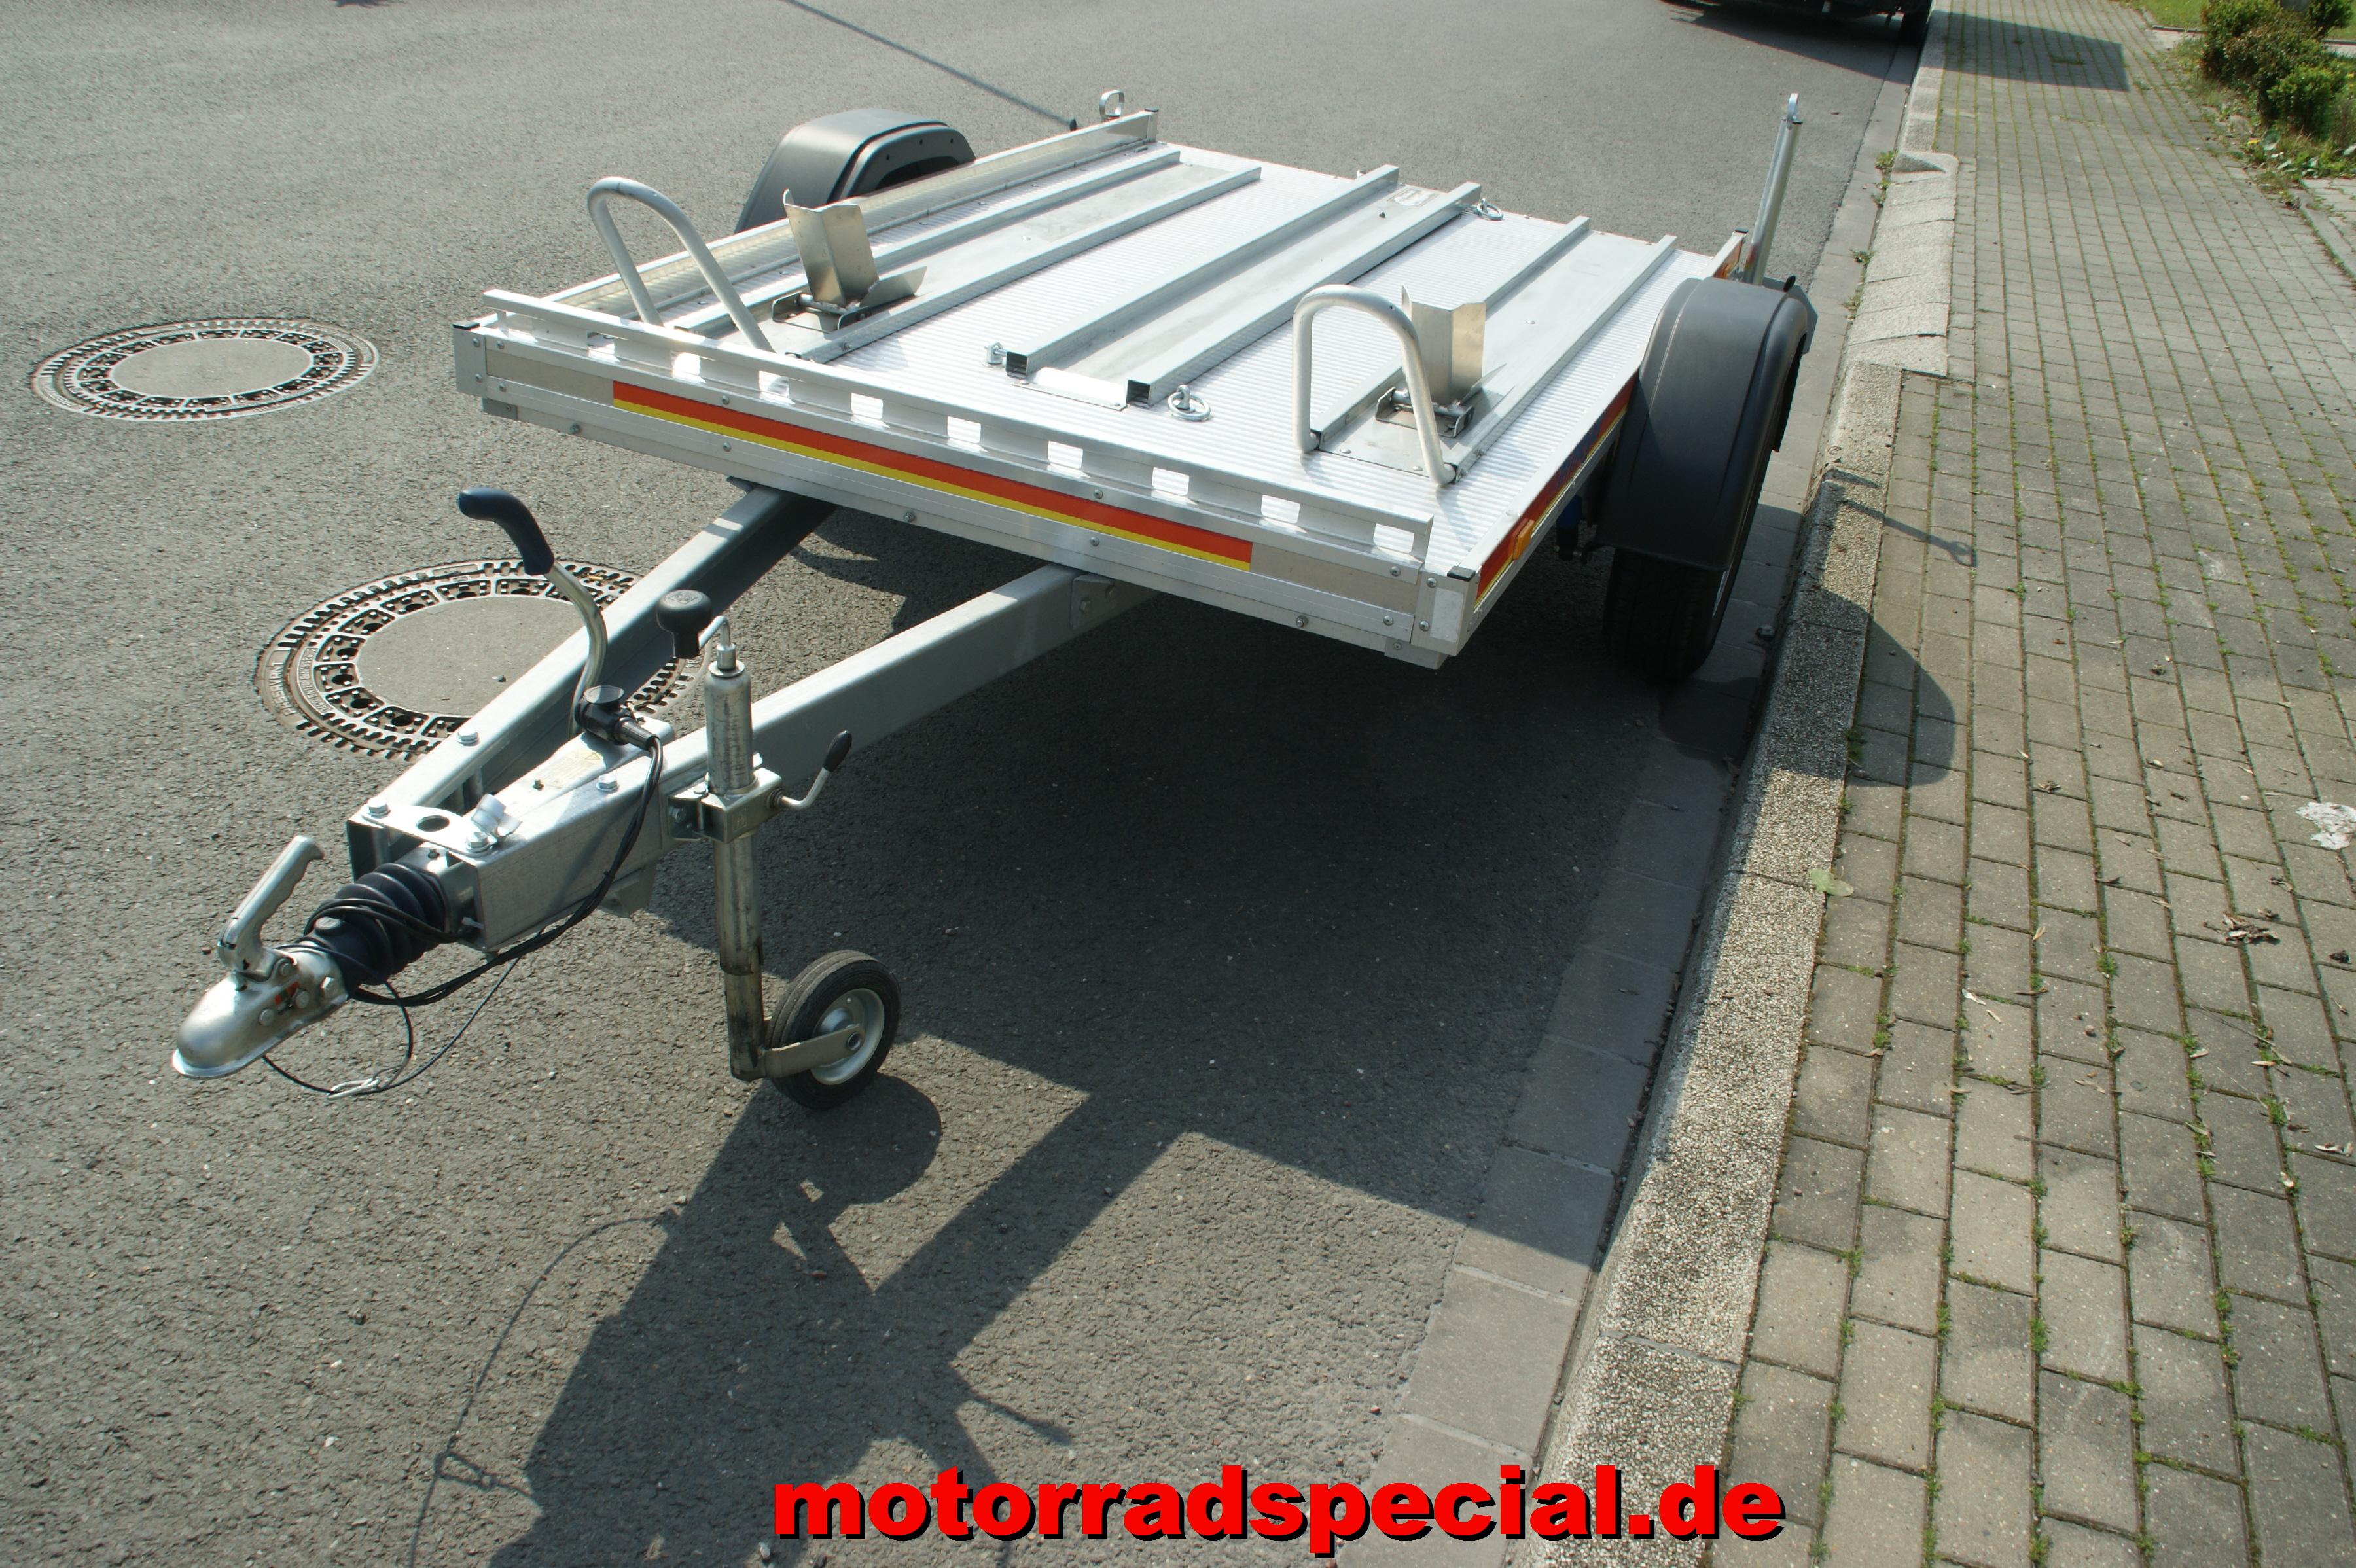 Motorrad Special_Leihänger_mittel_4